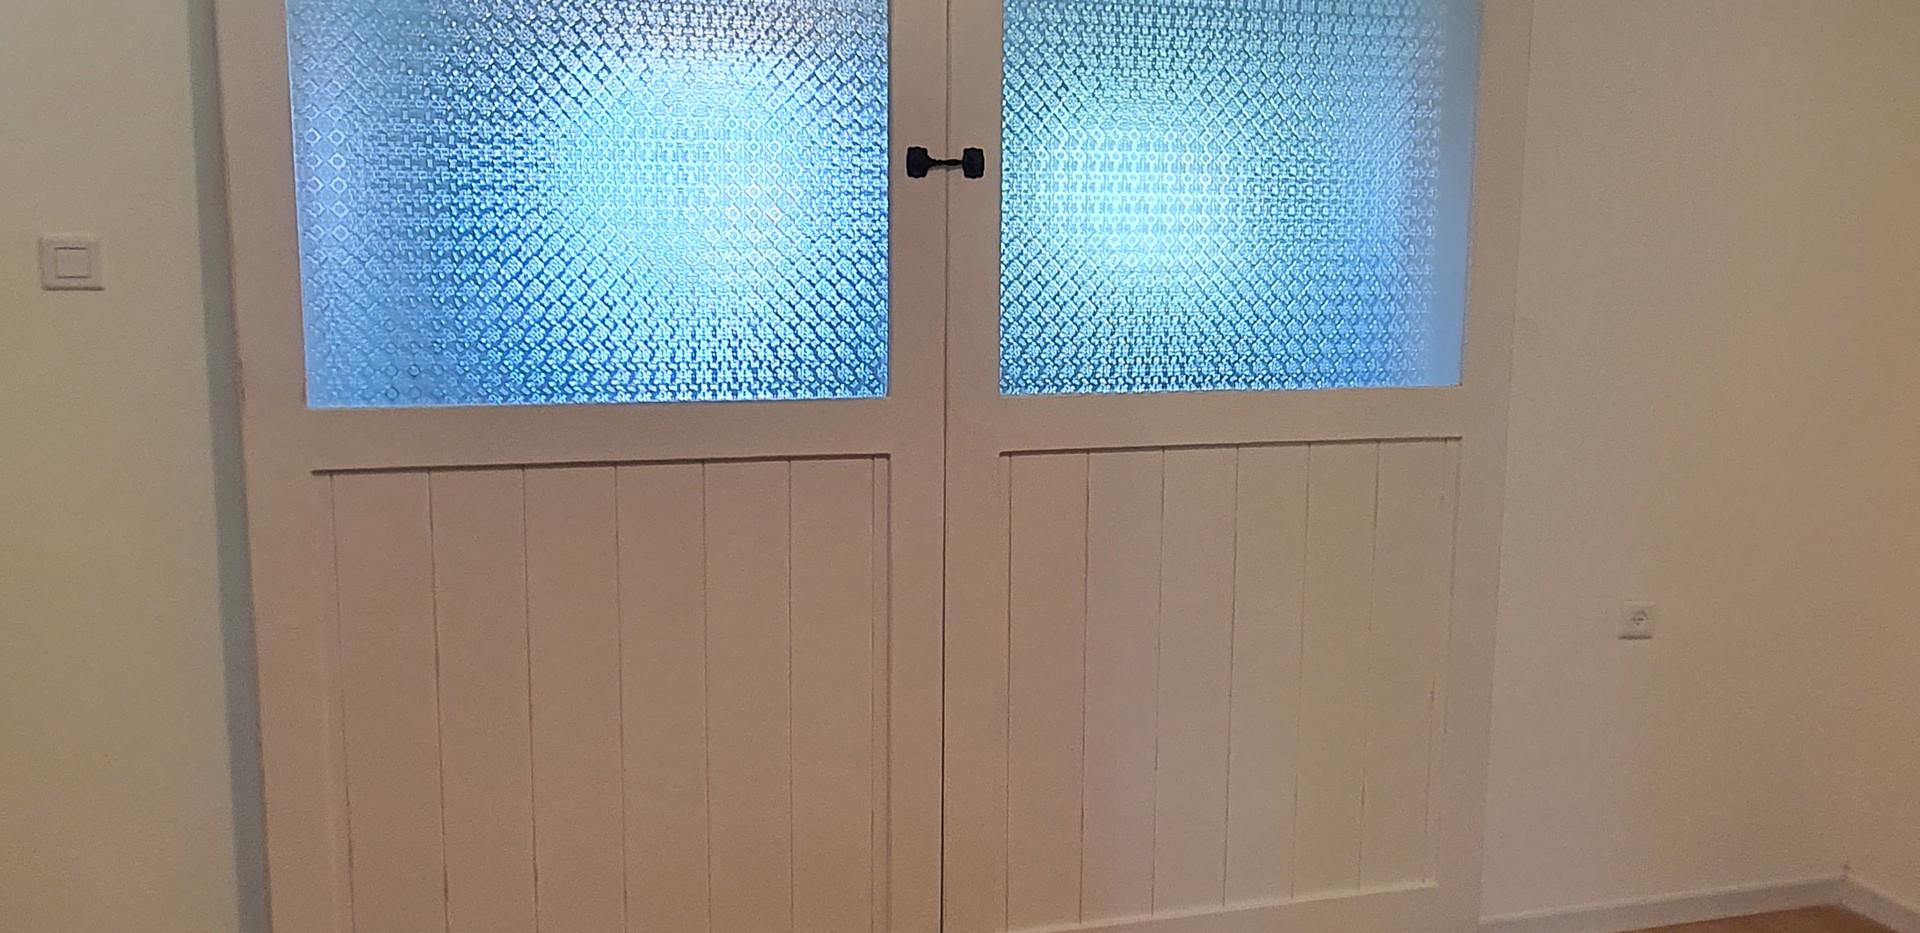 סגירת פתחים על ידי דלת אסם